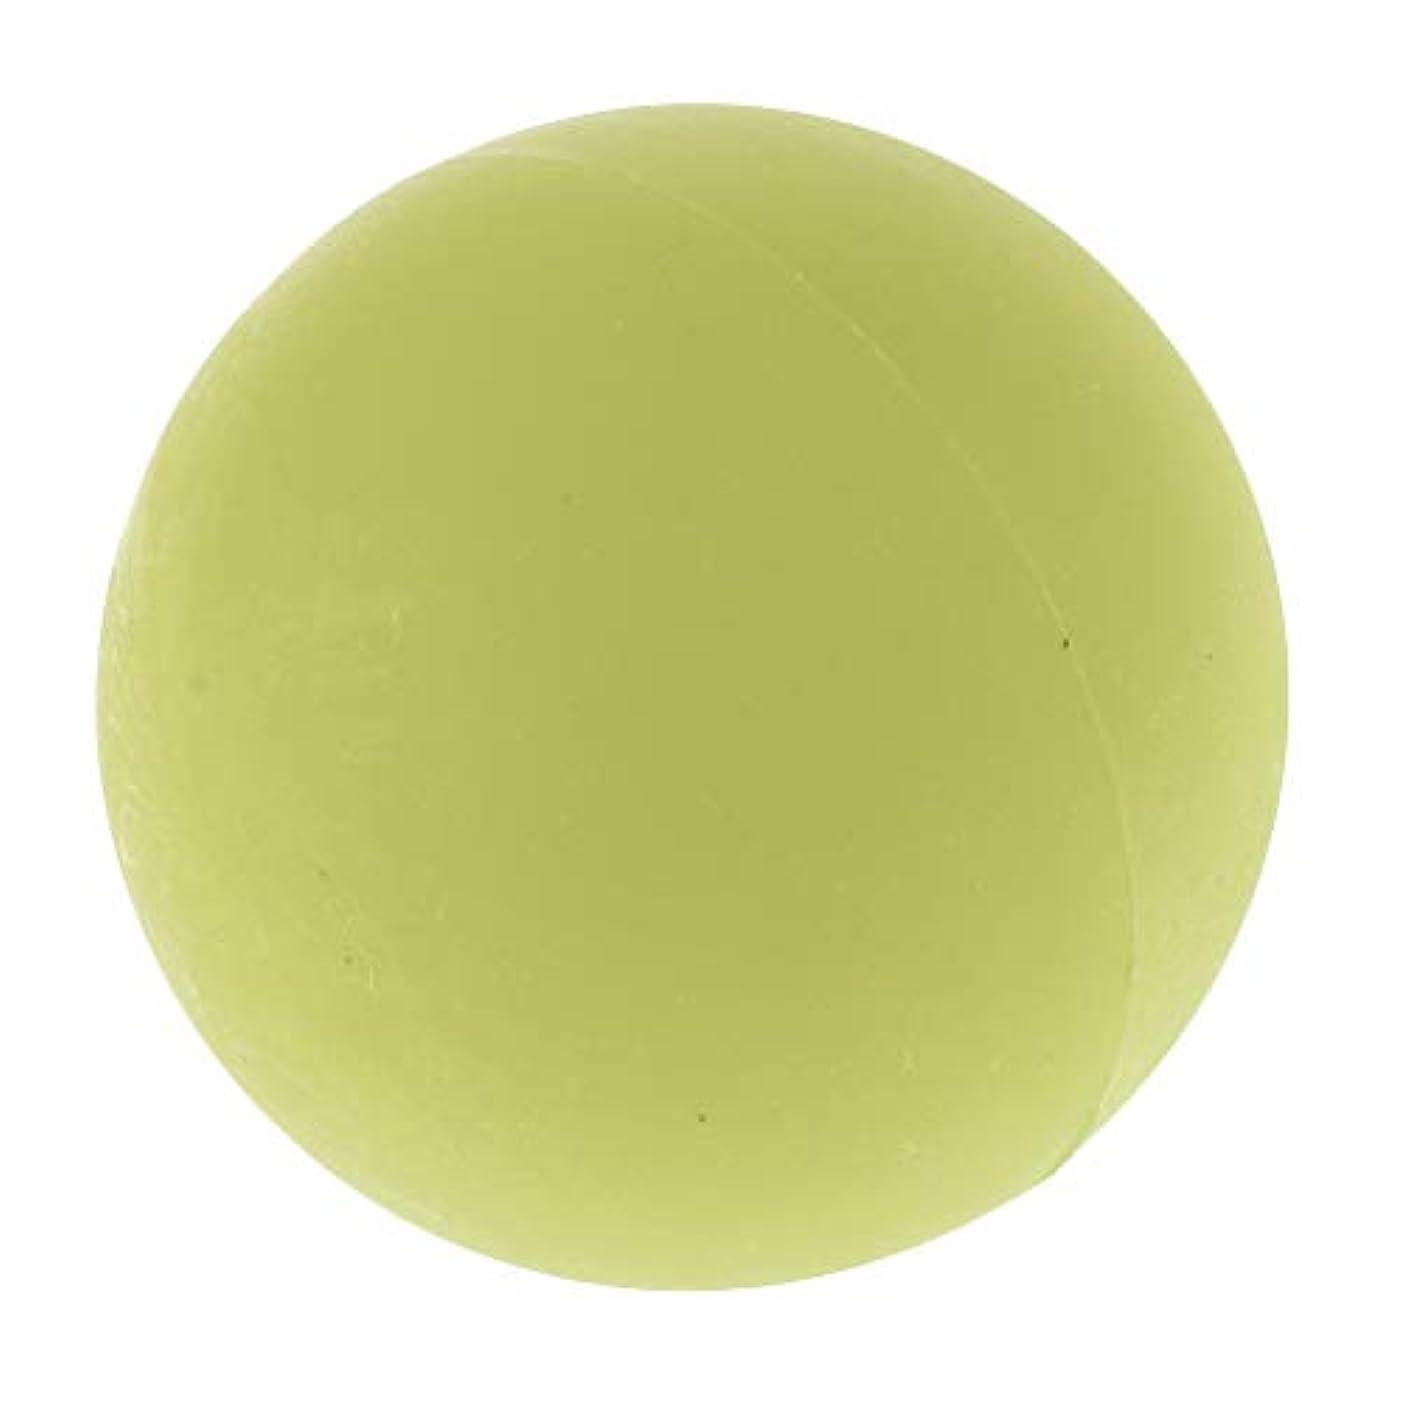 勇気妥協協力するエクササイズ 筋膜リリース マッサージボール トレーニングボール ソフトボール ツボ押しグッズ 全4色 - 緑